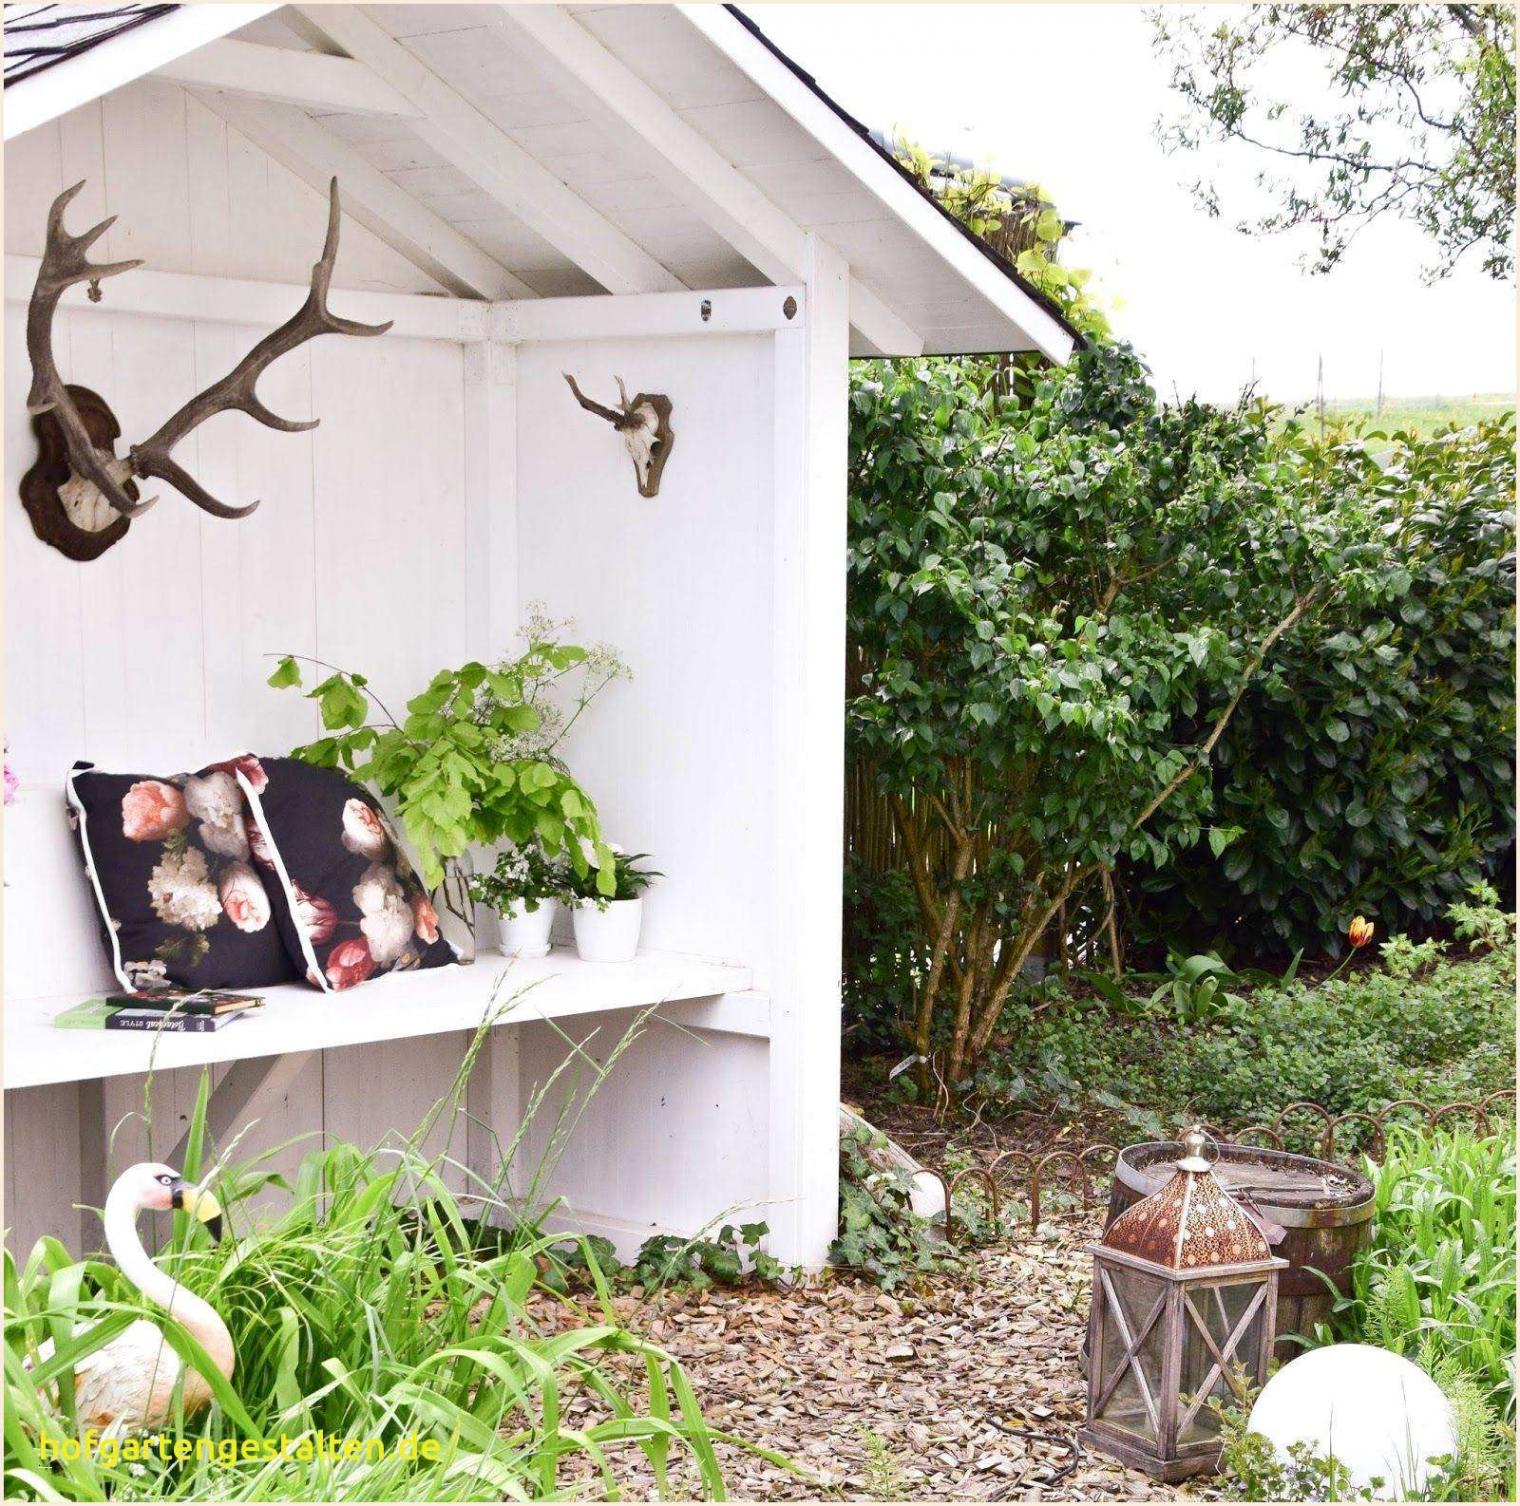 Deko Für Balkon Inspirierend Ideen Für Kleinen Balkon — Temobardz Home Blog